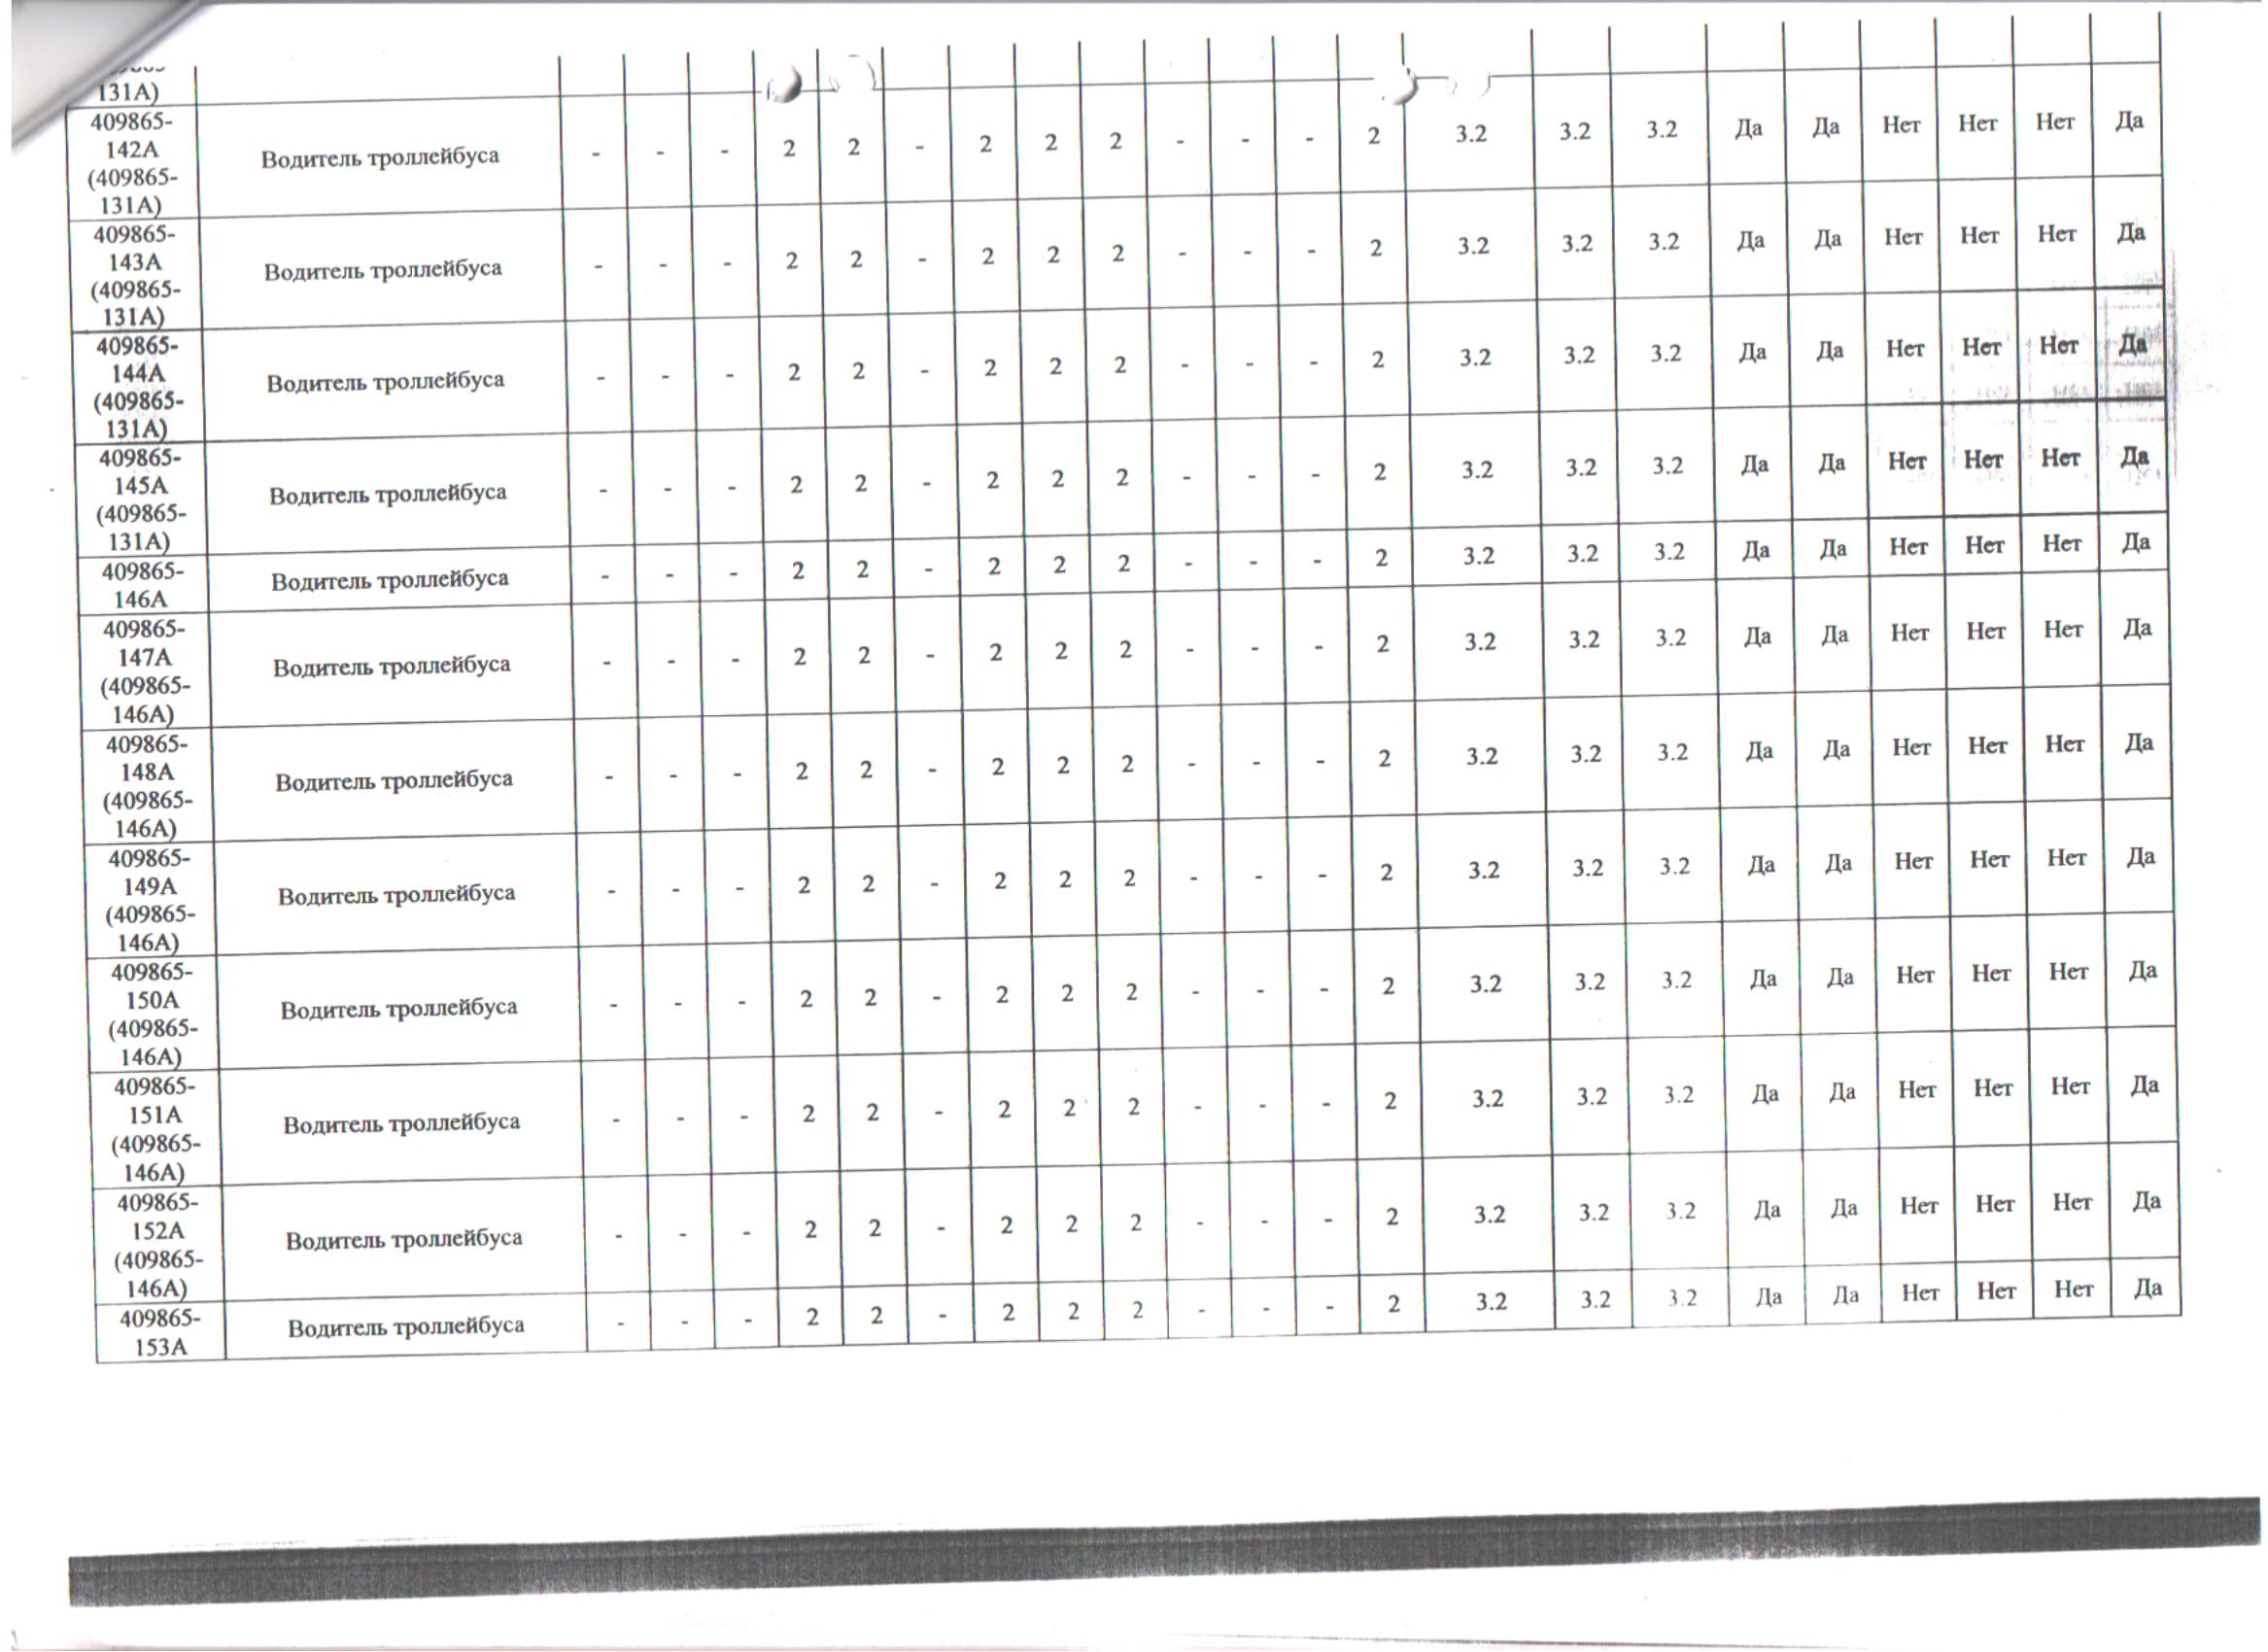 Сводная ведомость СТП (pdf.io)-12